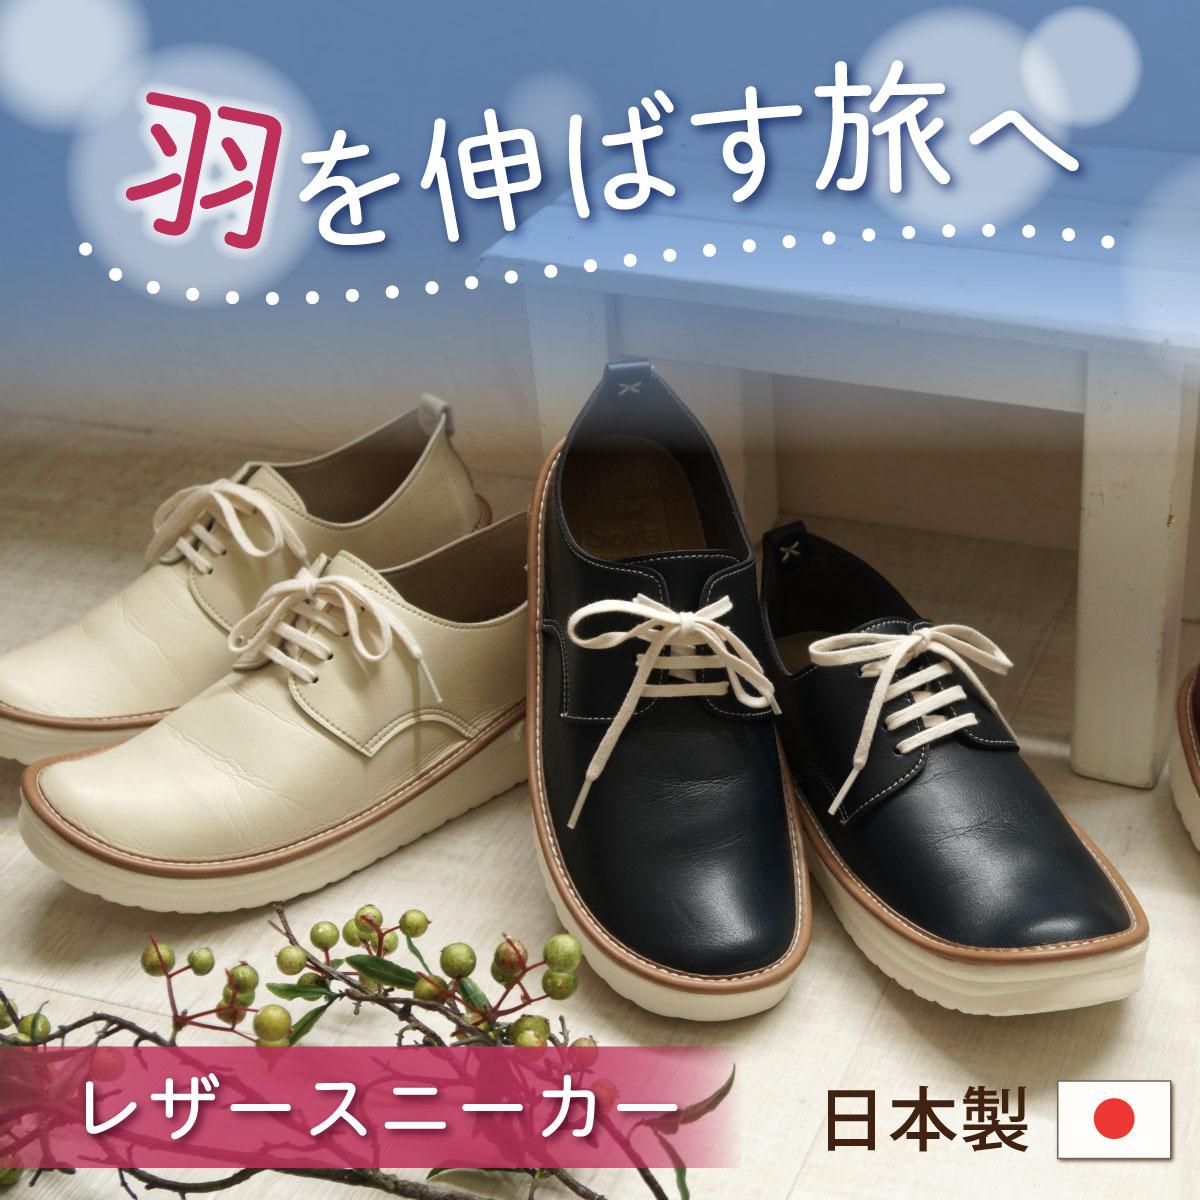 6月11日1:59まで店内全品ポイント10倍 人気商品 レースアップシューズ メンズライク 紐靴 スニーカー 日本製 予約販売品 LWING リトルウイング 婦人靴